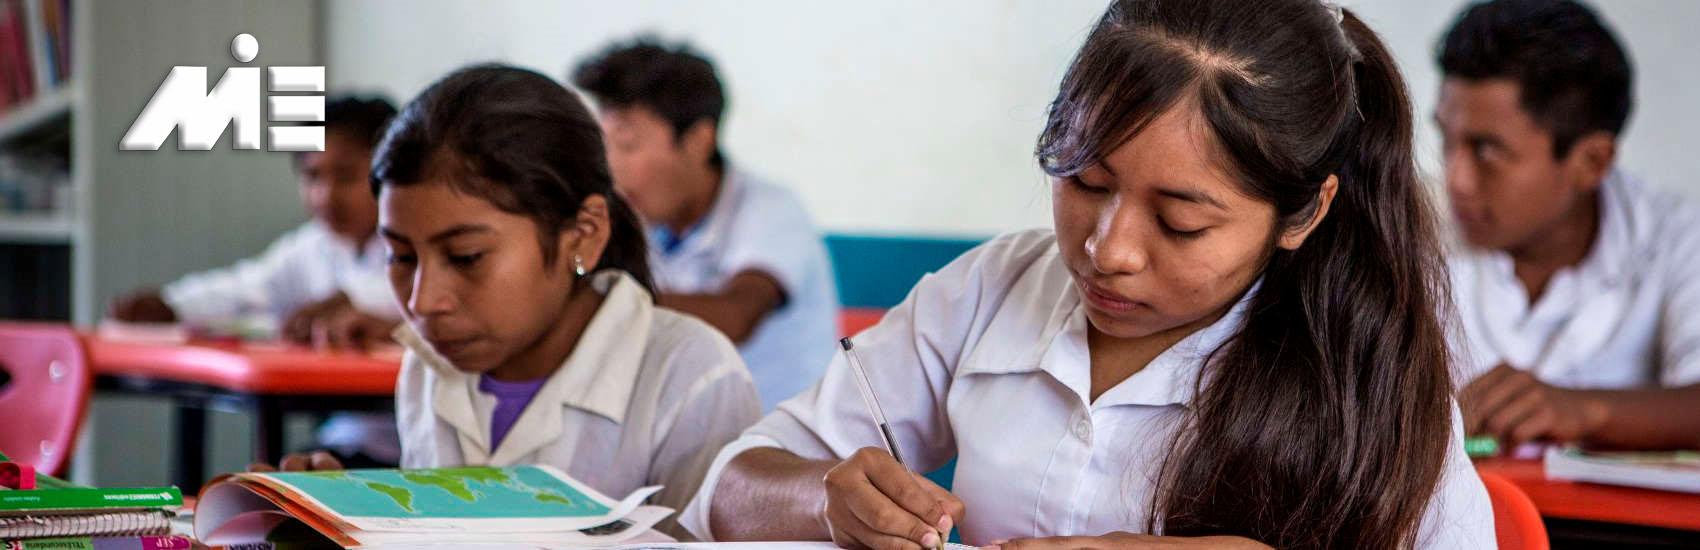 نظام آموزشی مکزیک